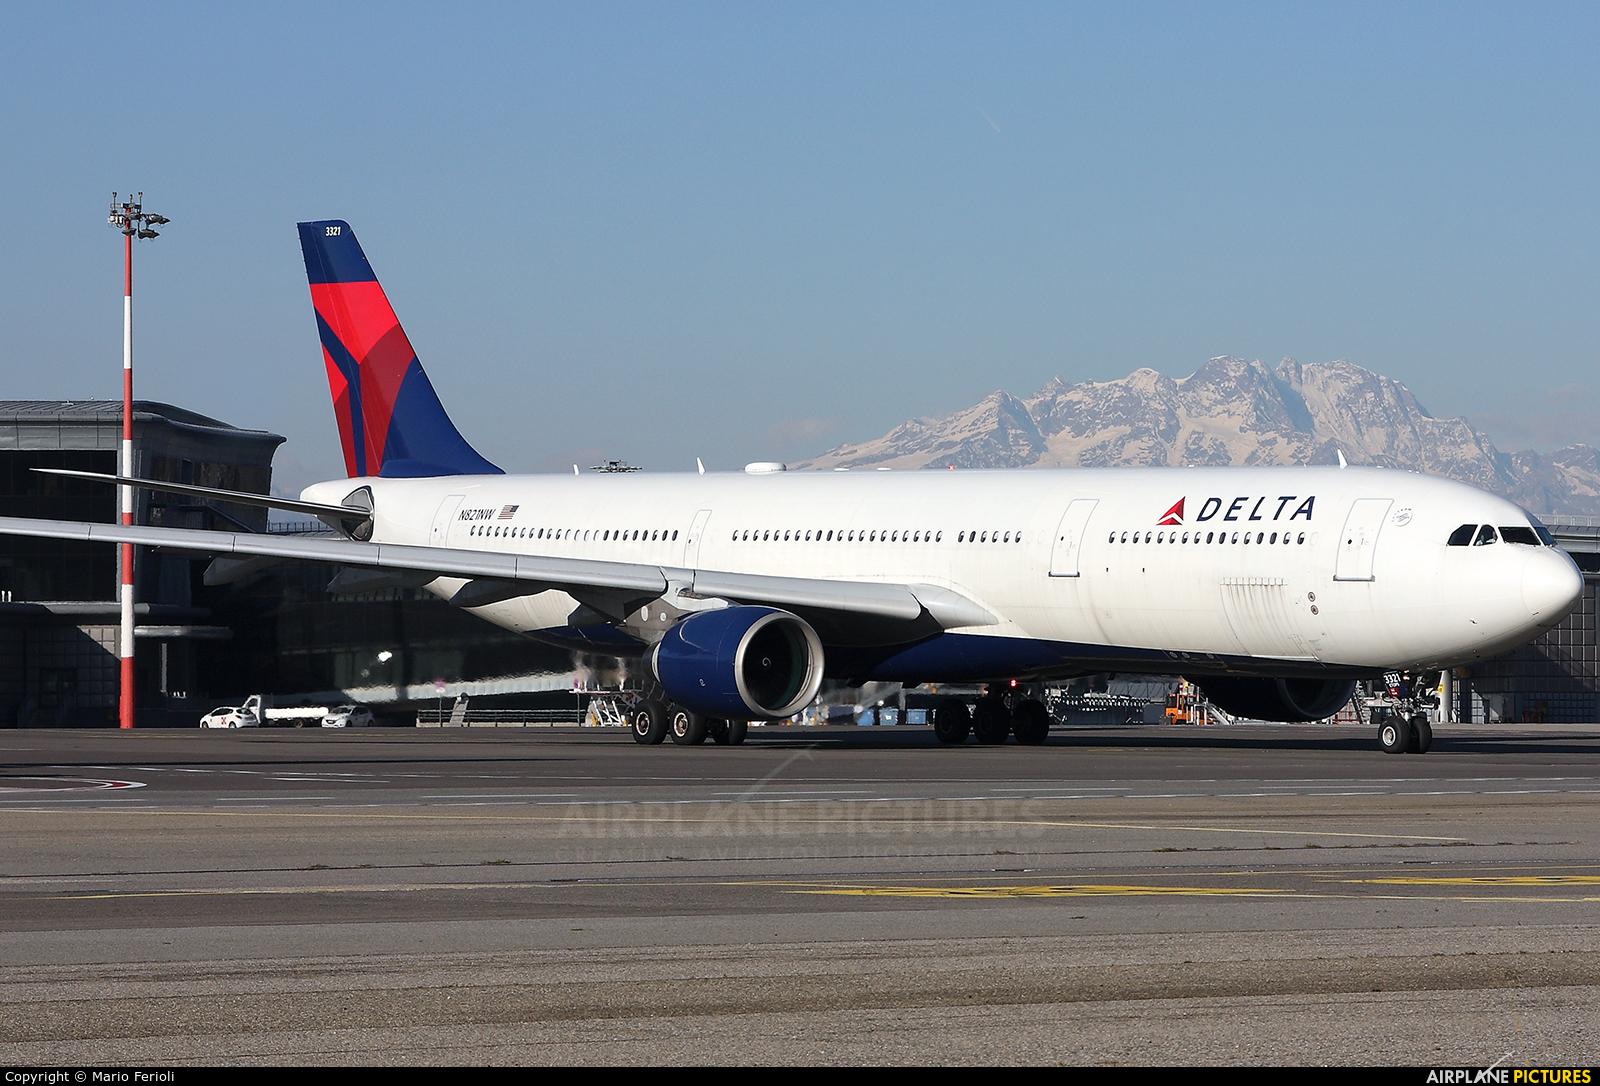 Delta Air Lines N821NW aircraft at Milan - Malpensa